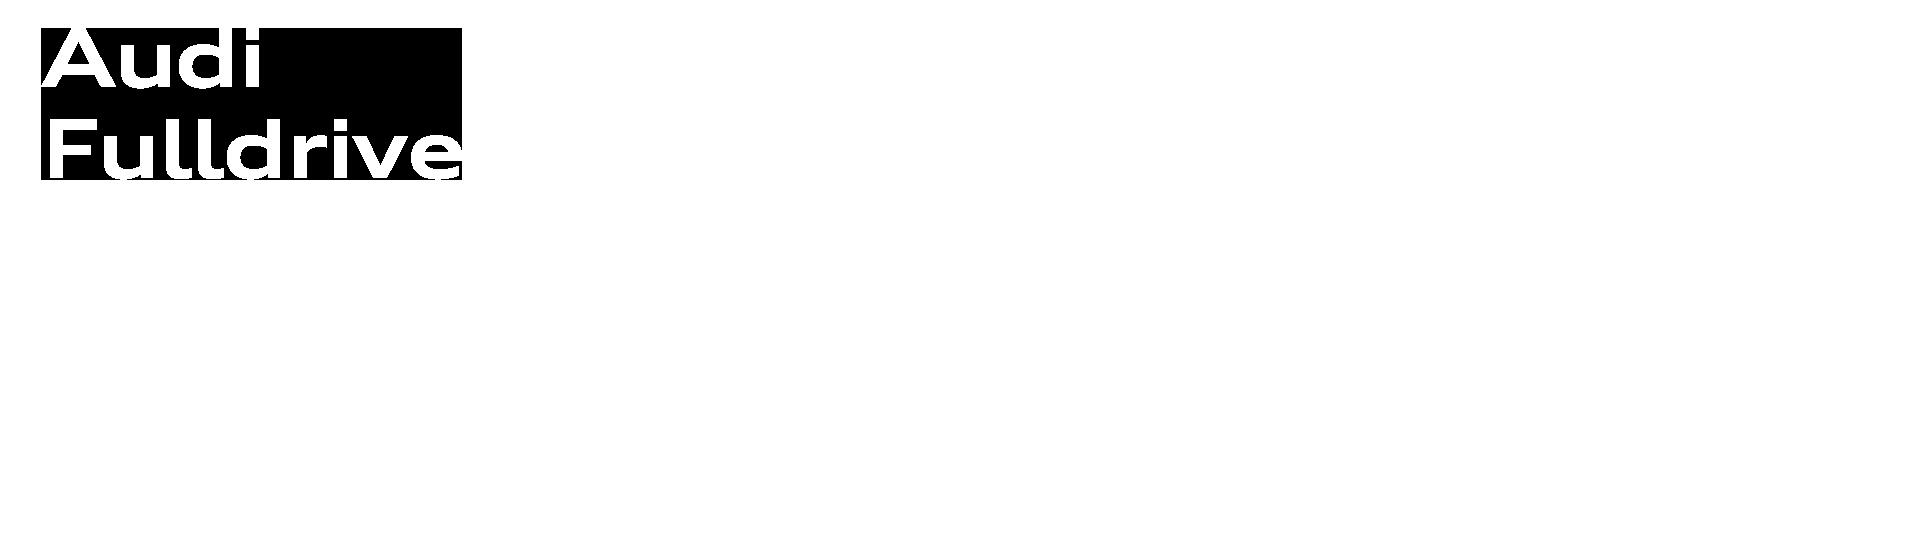 datos-cabecera-fulldrive